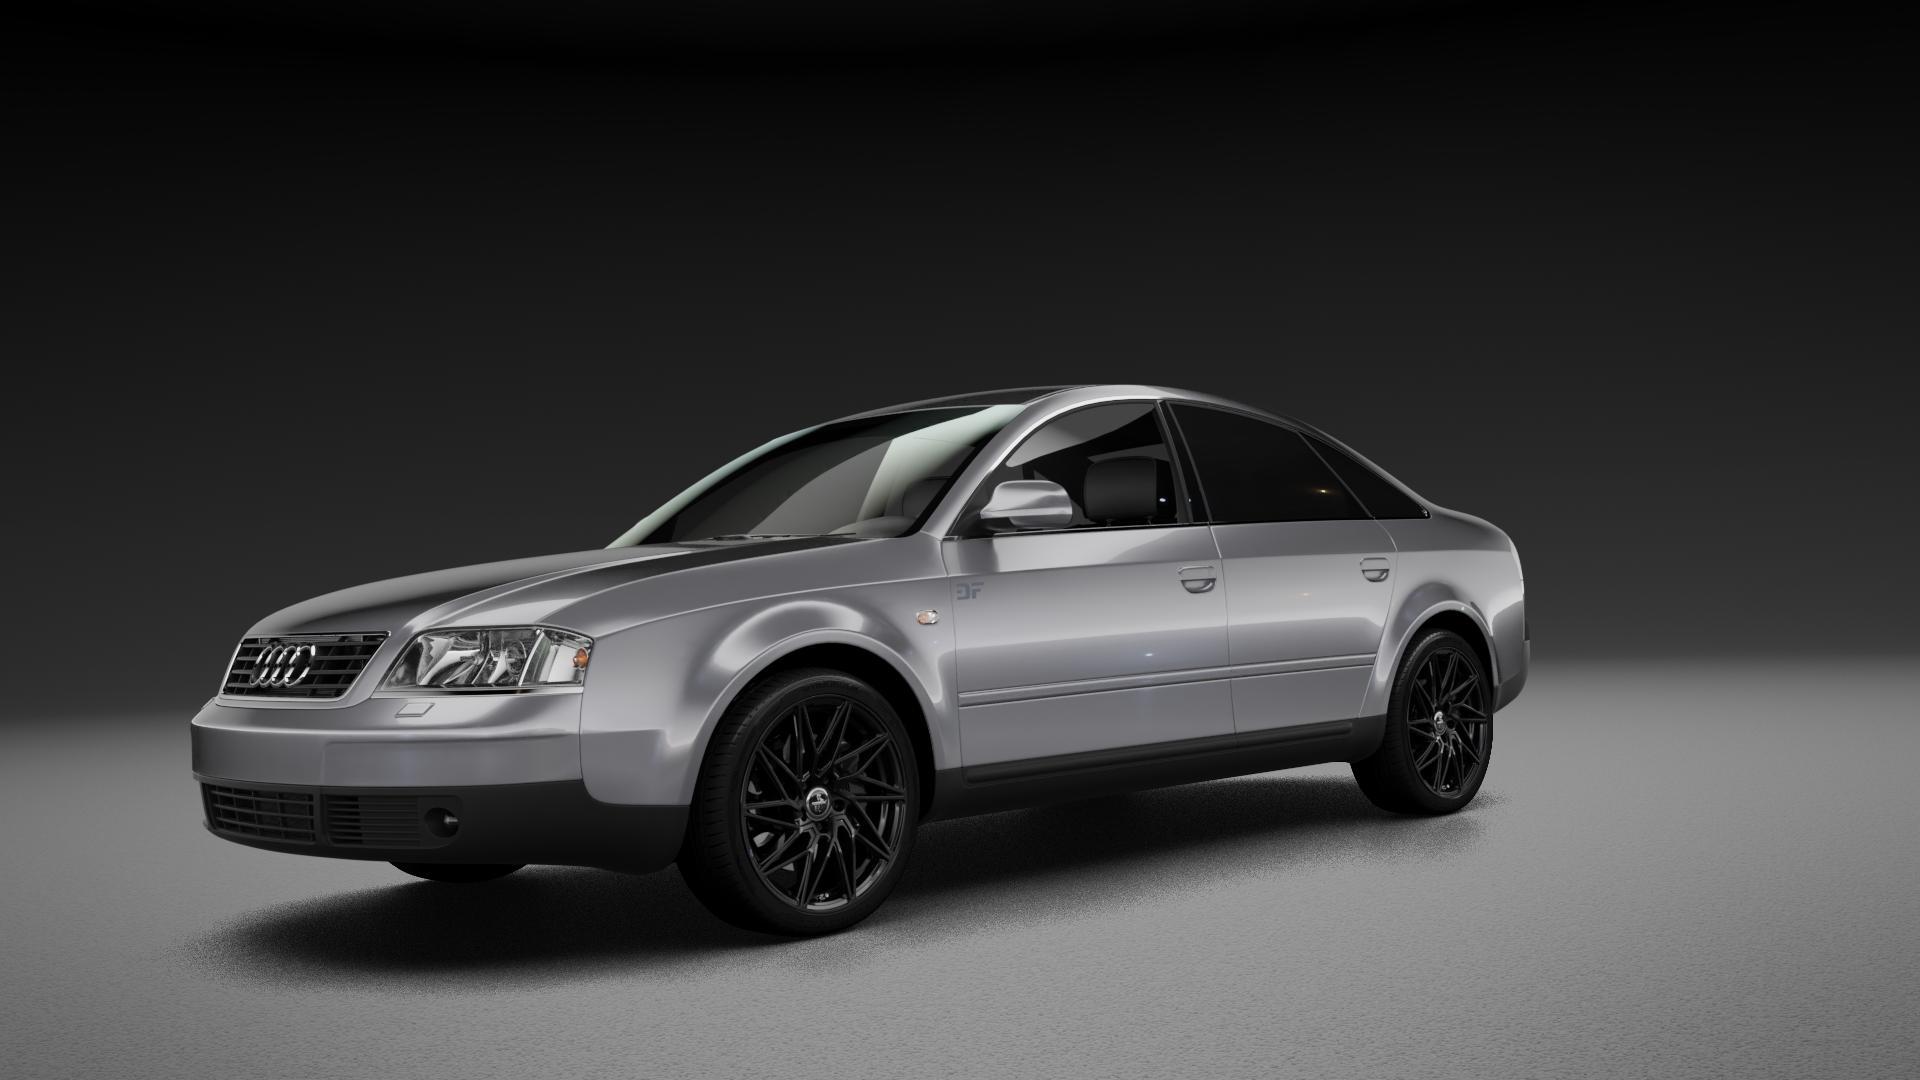 KESKIN KT20 BLACK PAINTED Felge mit Reifen schwarz in 18Zoll Winterfelge Alufelge auf silbernem Audi A6 Typ 4B/C5 (Limousine) ⬇️ mit 15mm Tieferlegung ⬇️ Neutral_mid_max5300mm Frontansicht_1